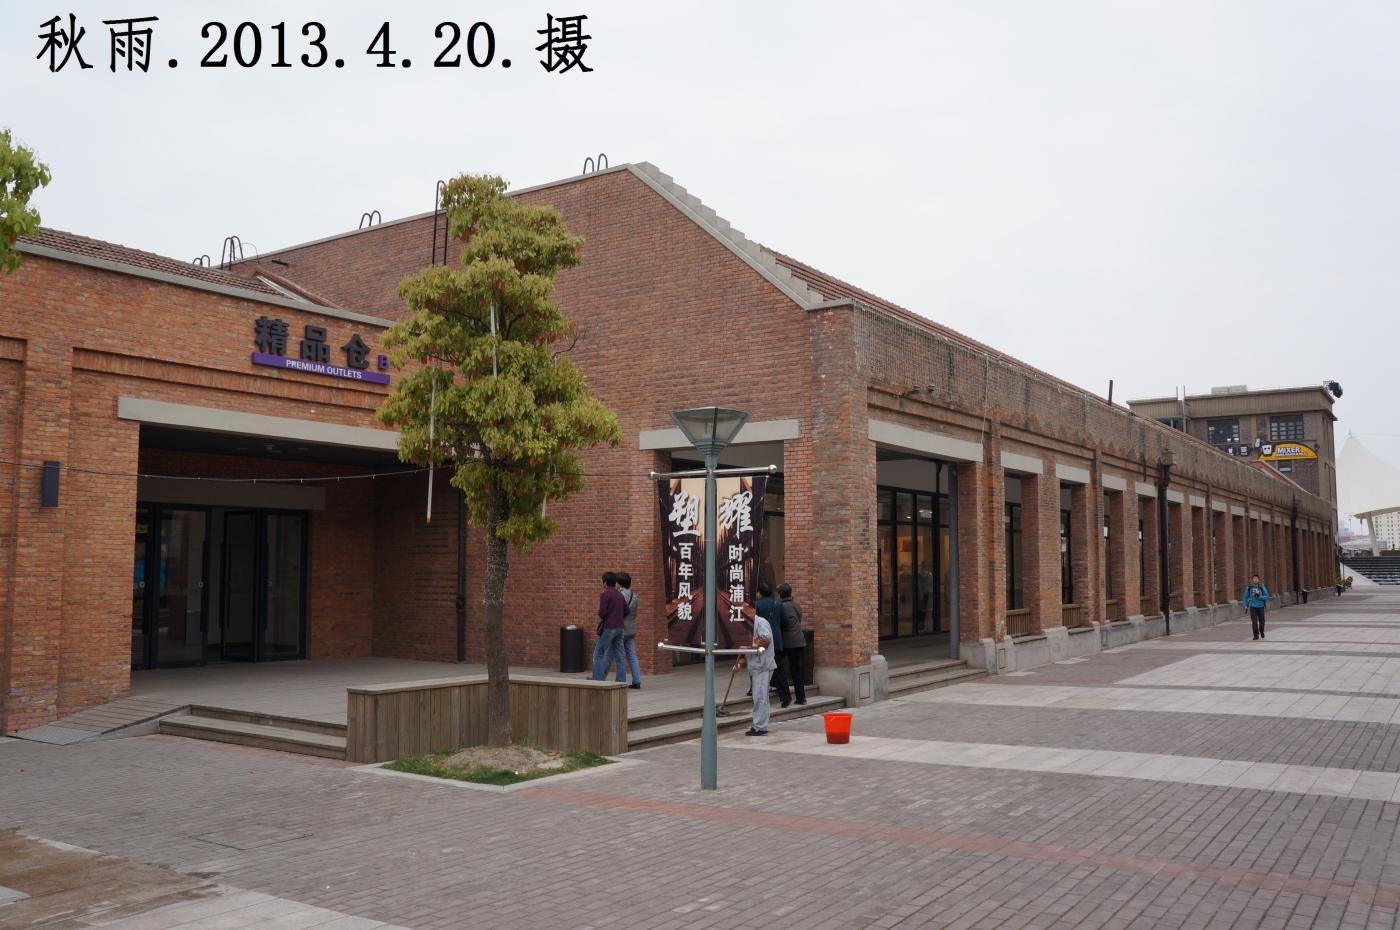 上海国际时尚中心,原国棉十七厂旧址(1),修旧如旧。摄影原创。 ..._图1-20